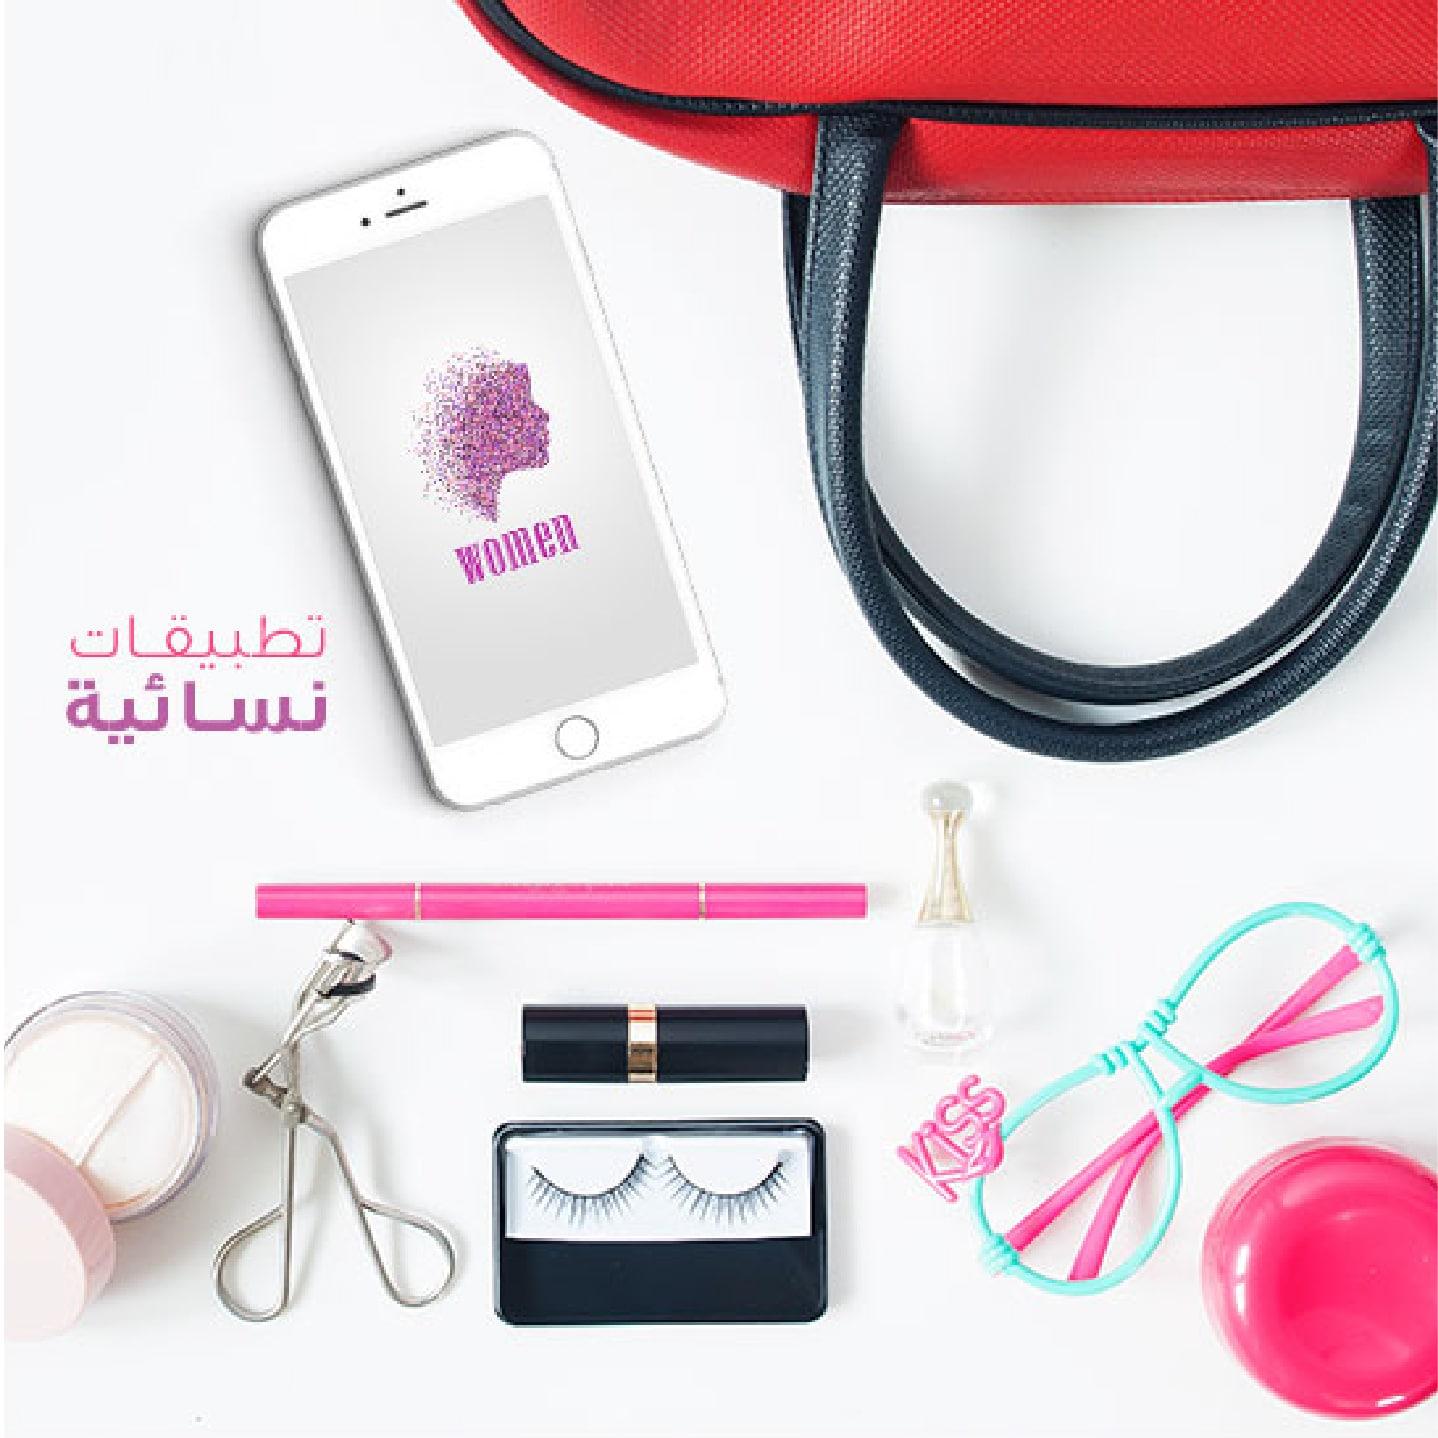 fccbd5a91 أفضل تطبيقات نسائية للجوال تستخدمها أغلب النساء يومياً | تسوق